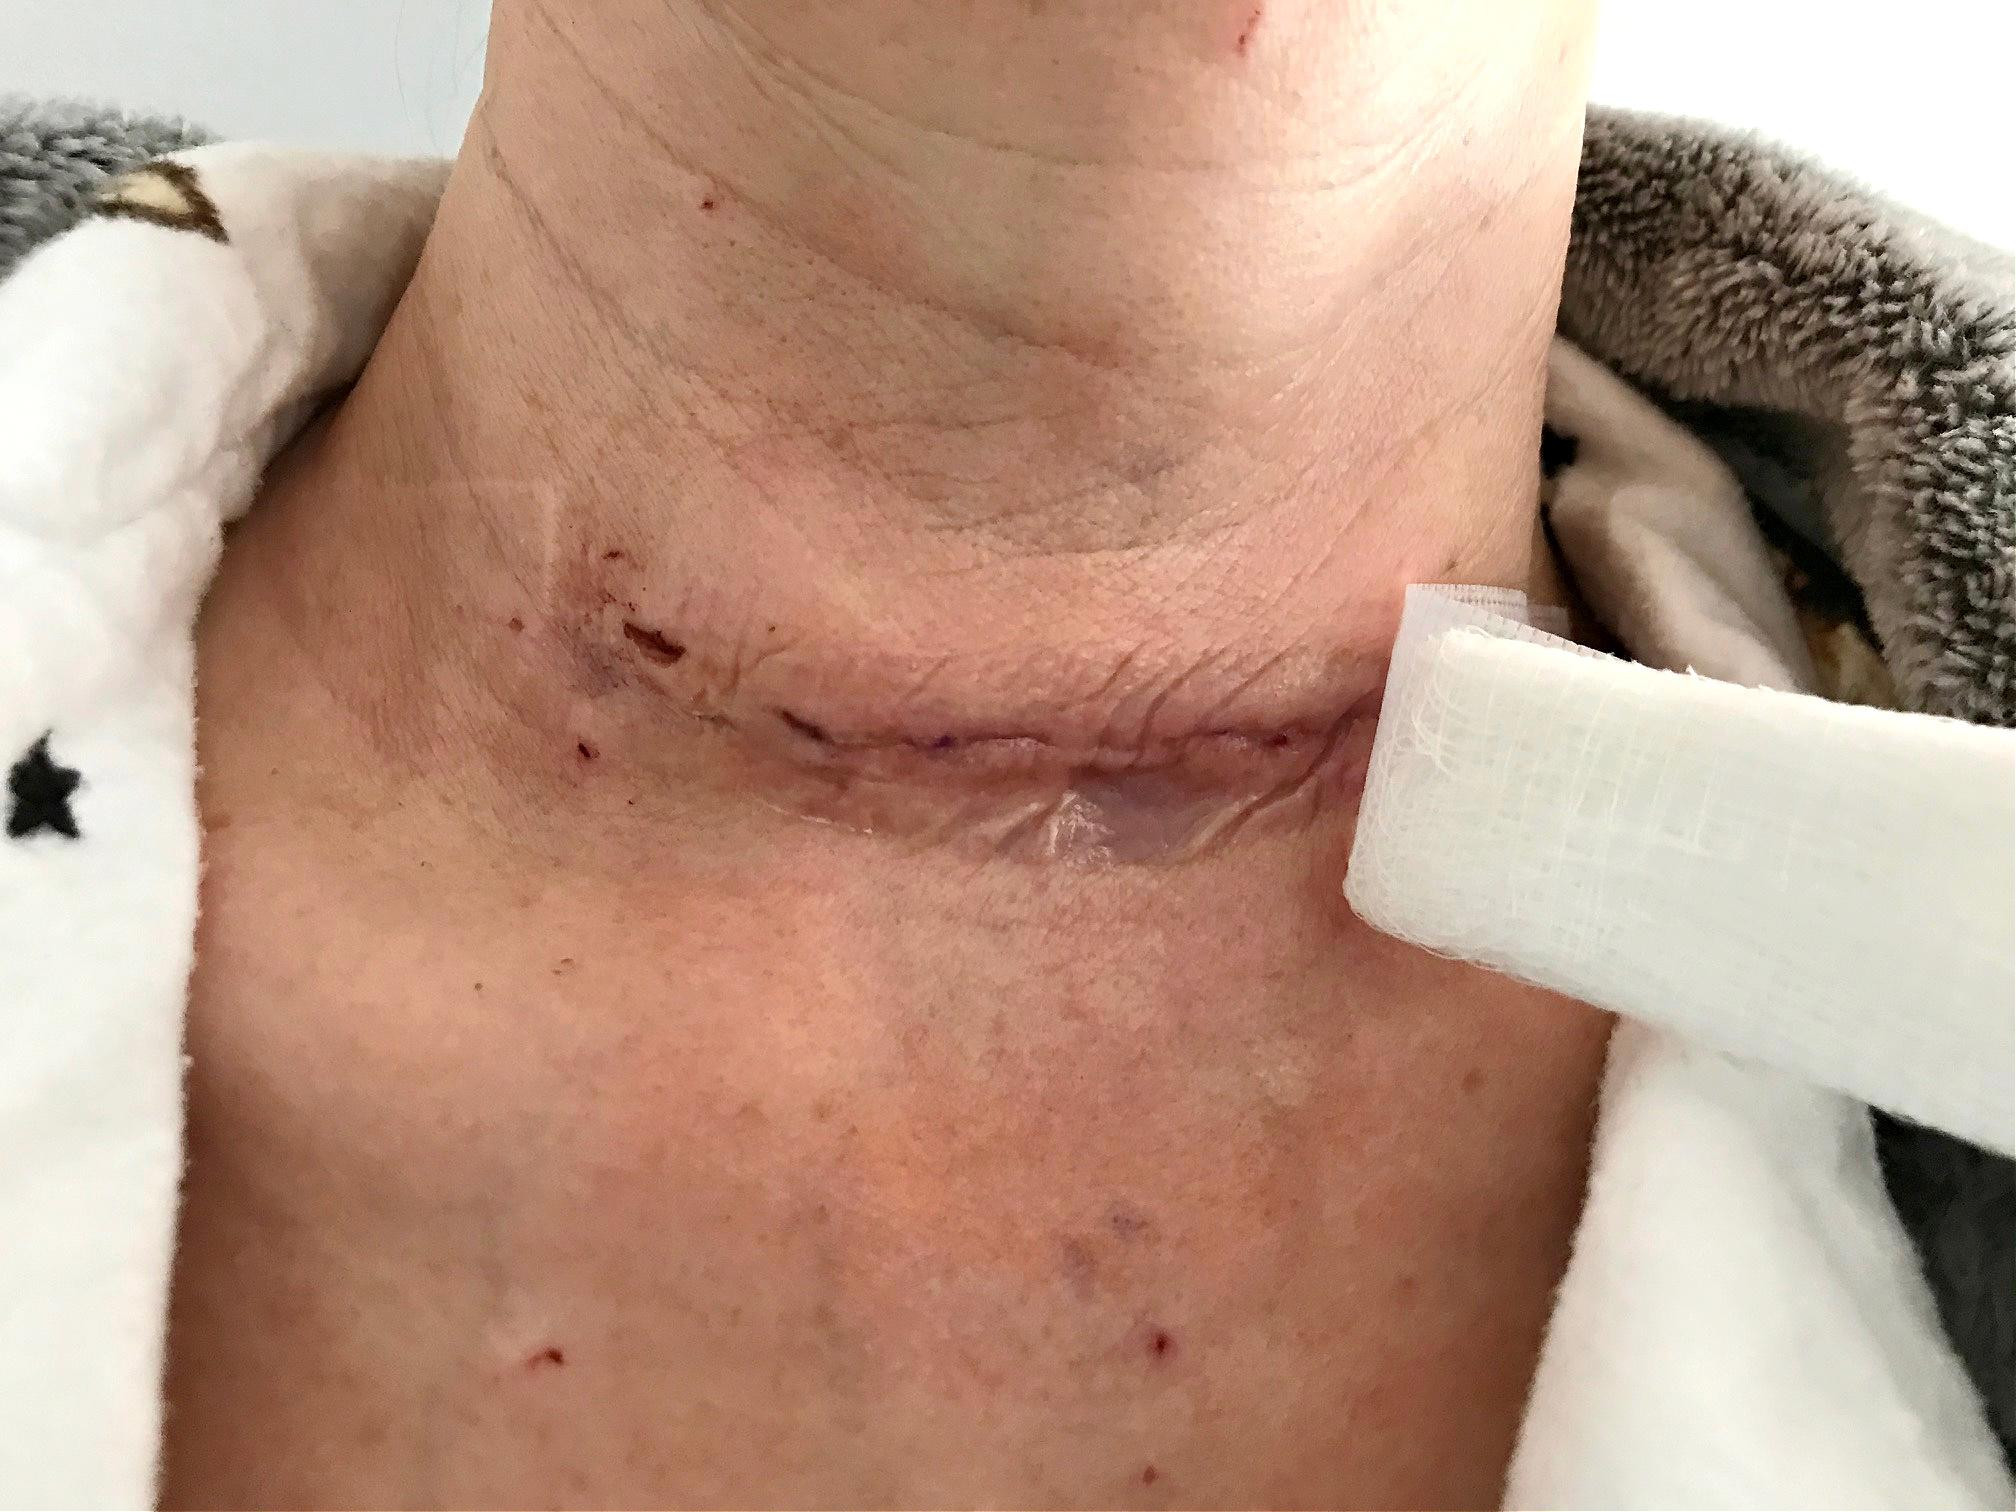 My Total Thyroidectomy 1 Week Post Op